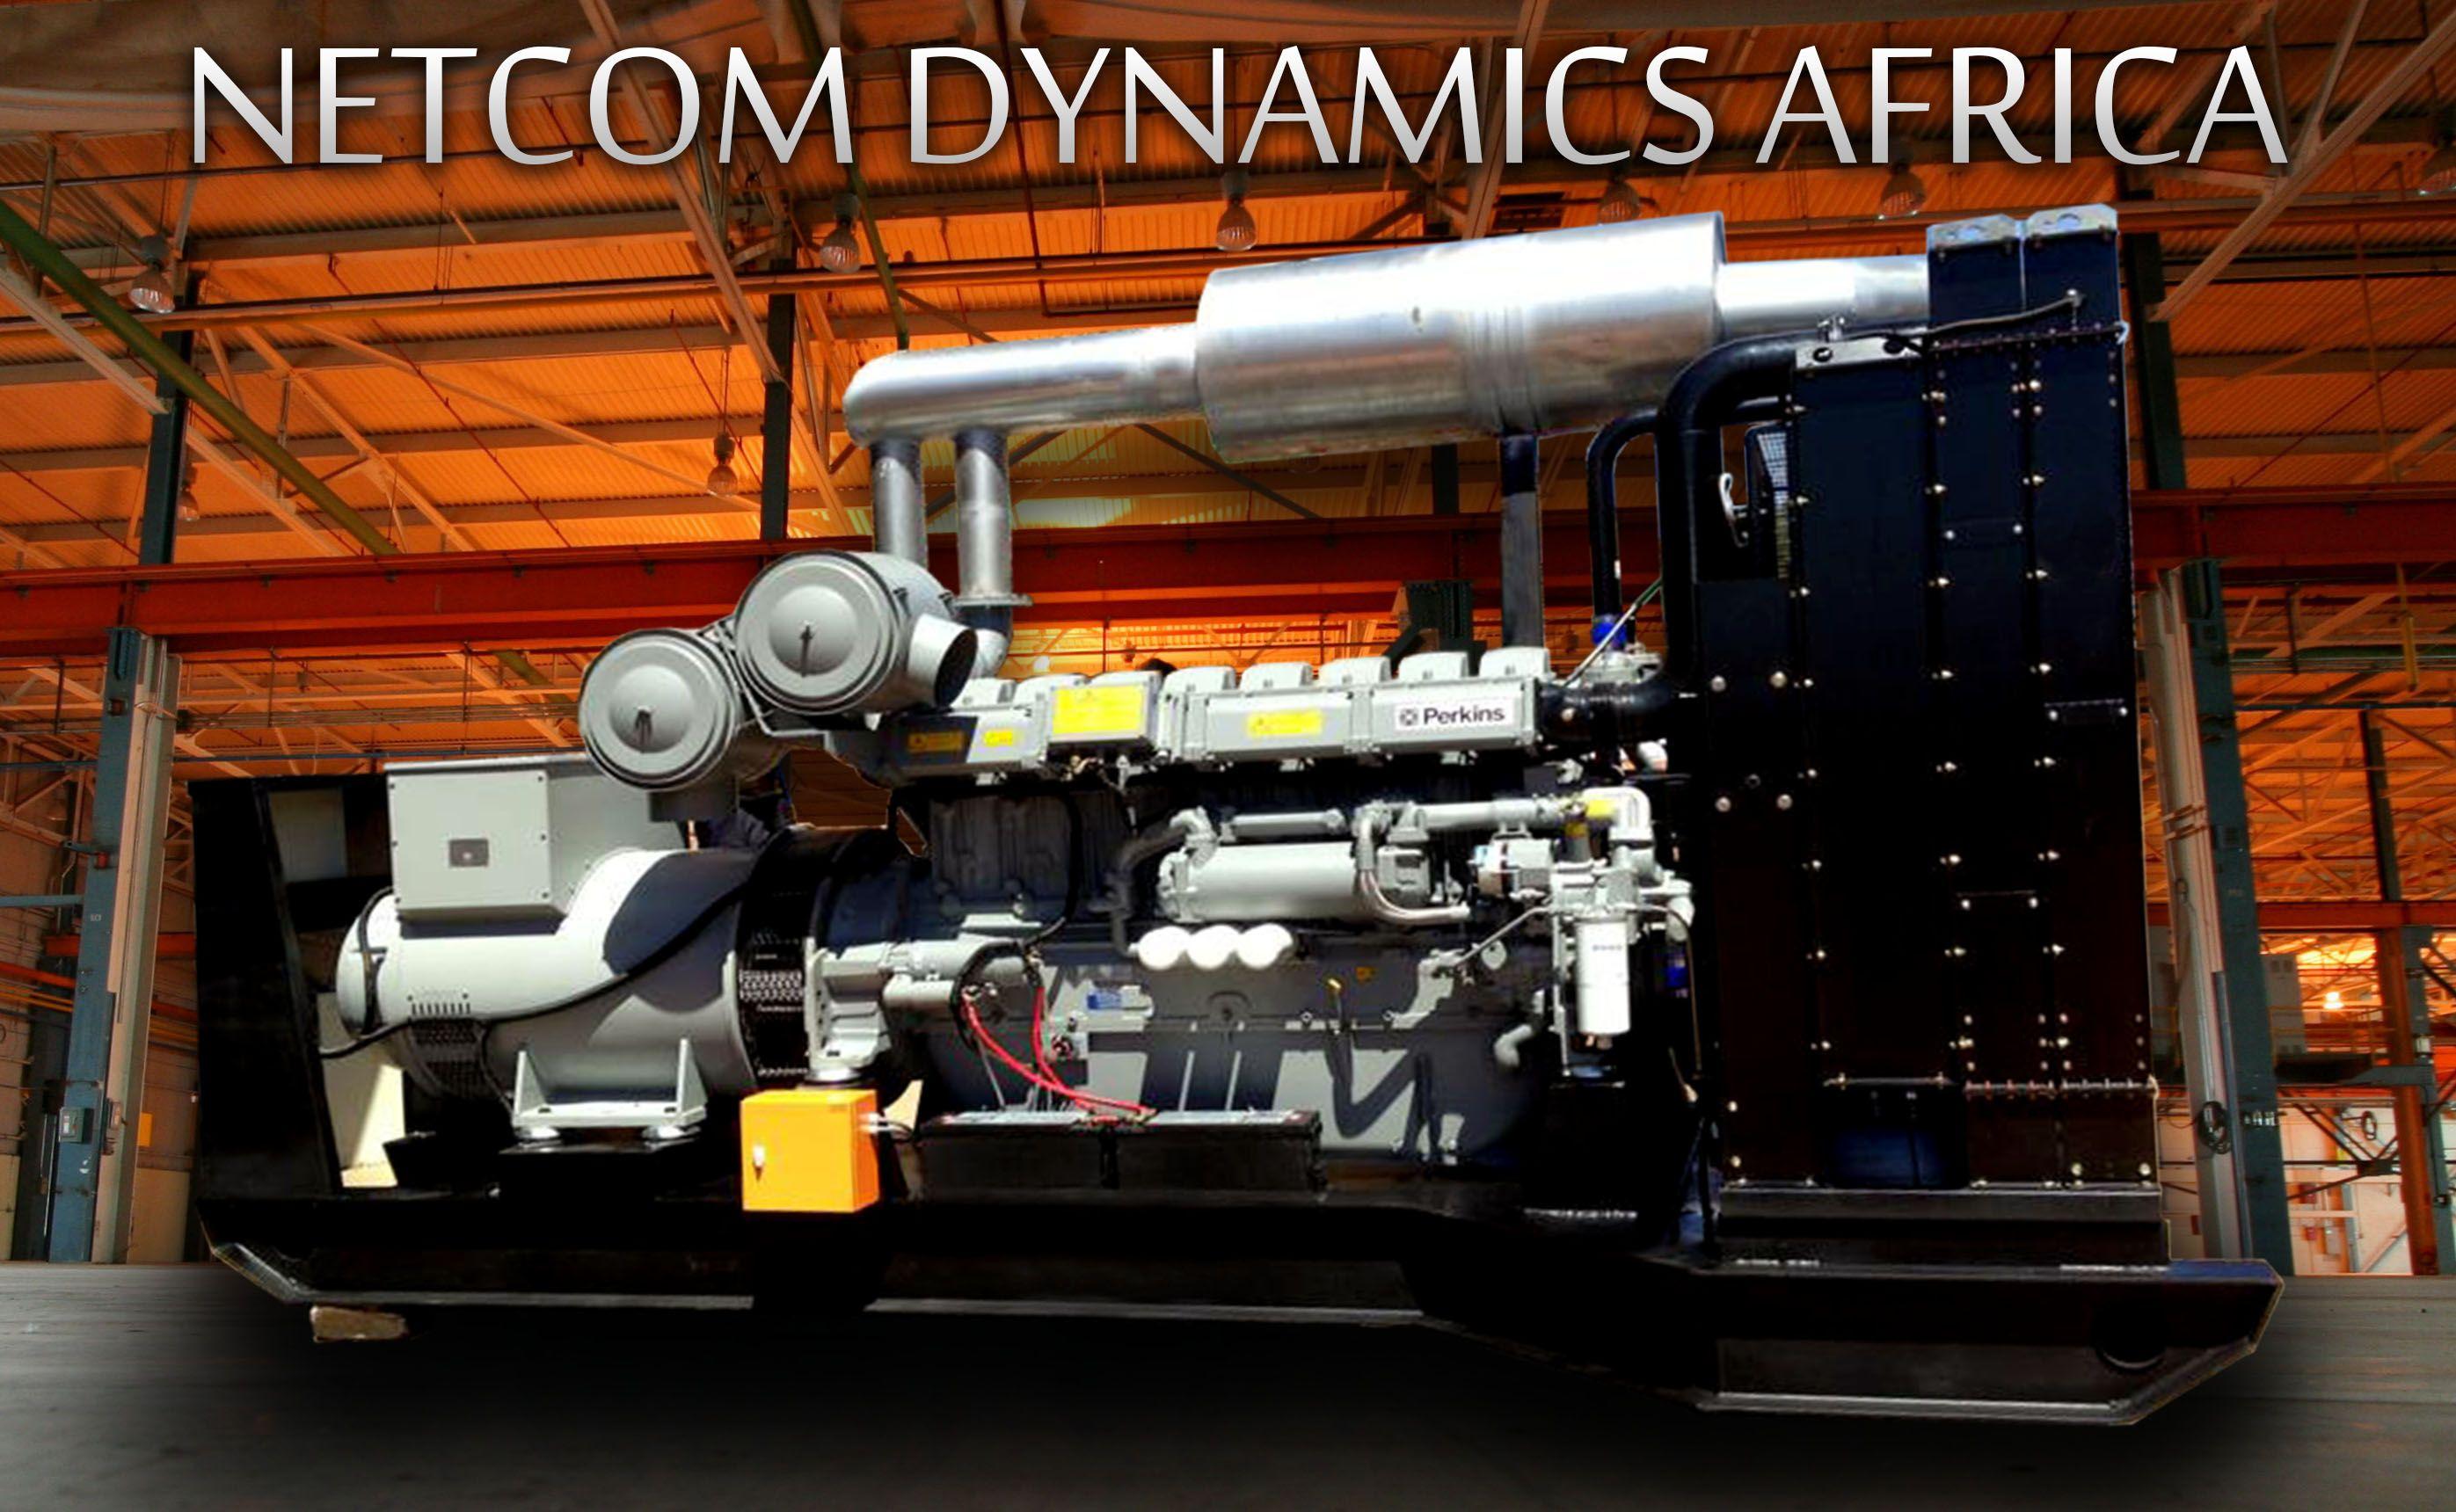 Industrial genertor industrial africa residential